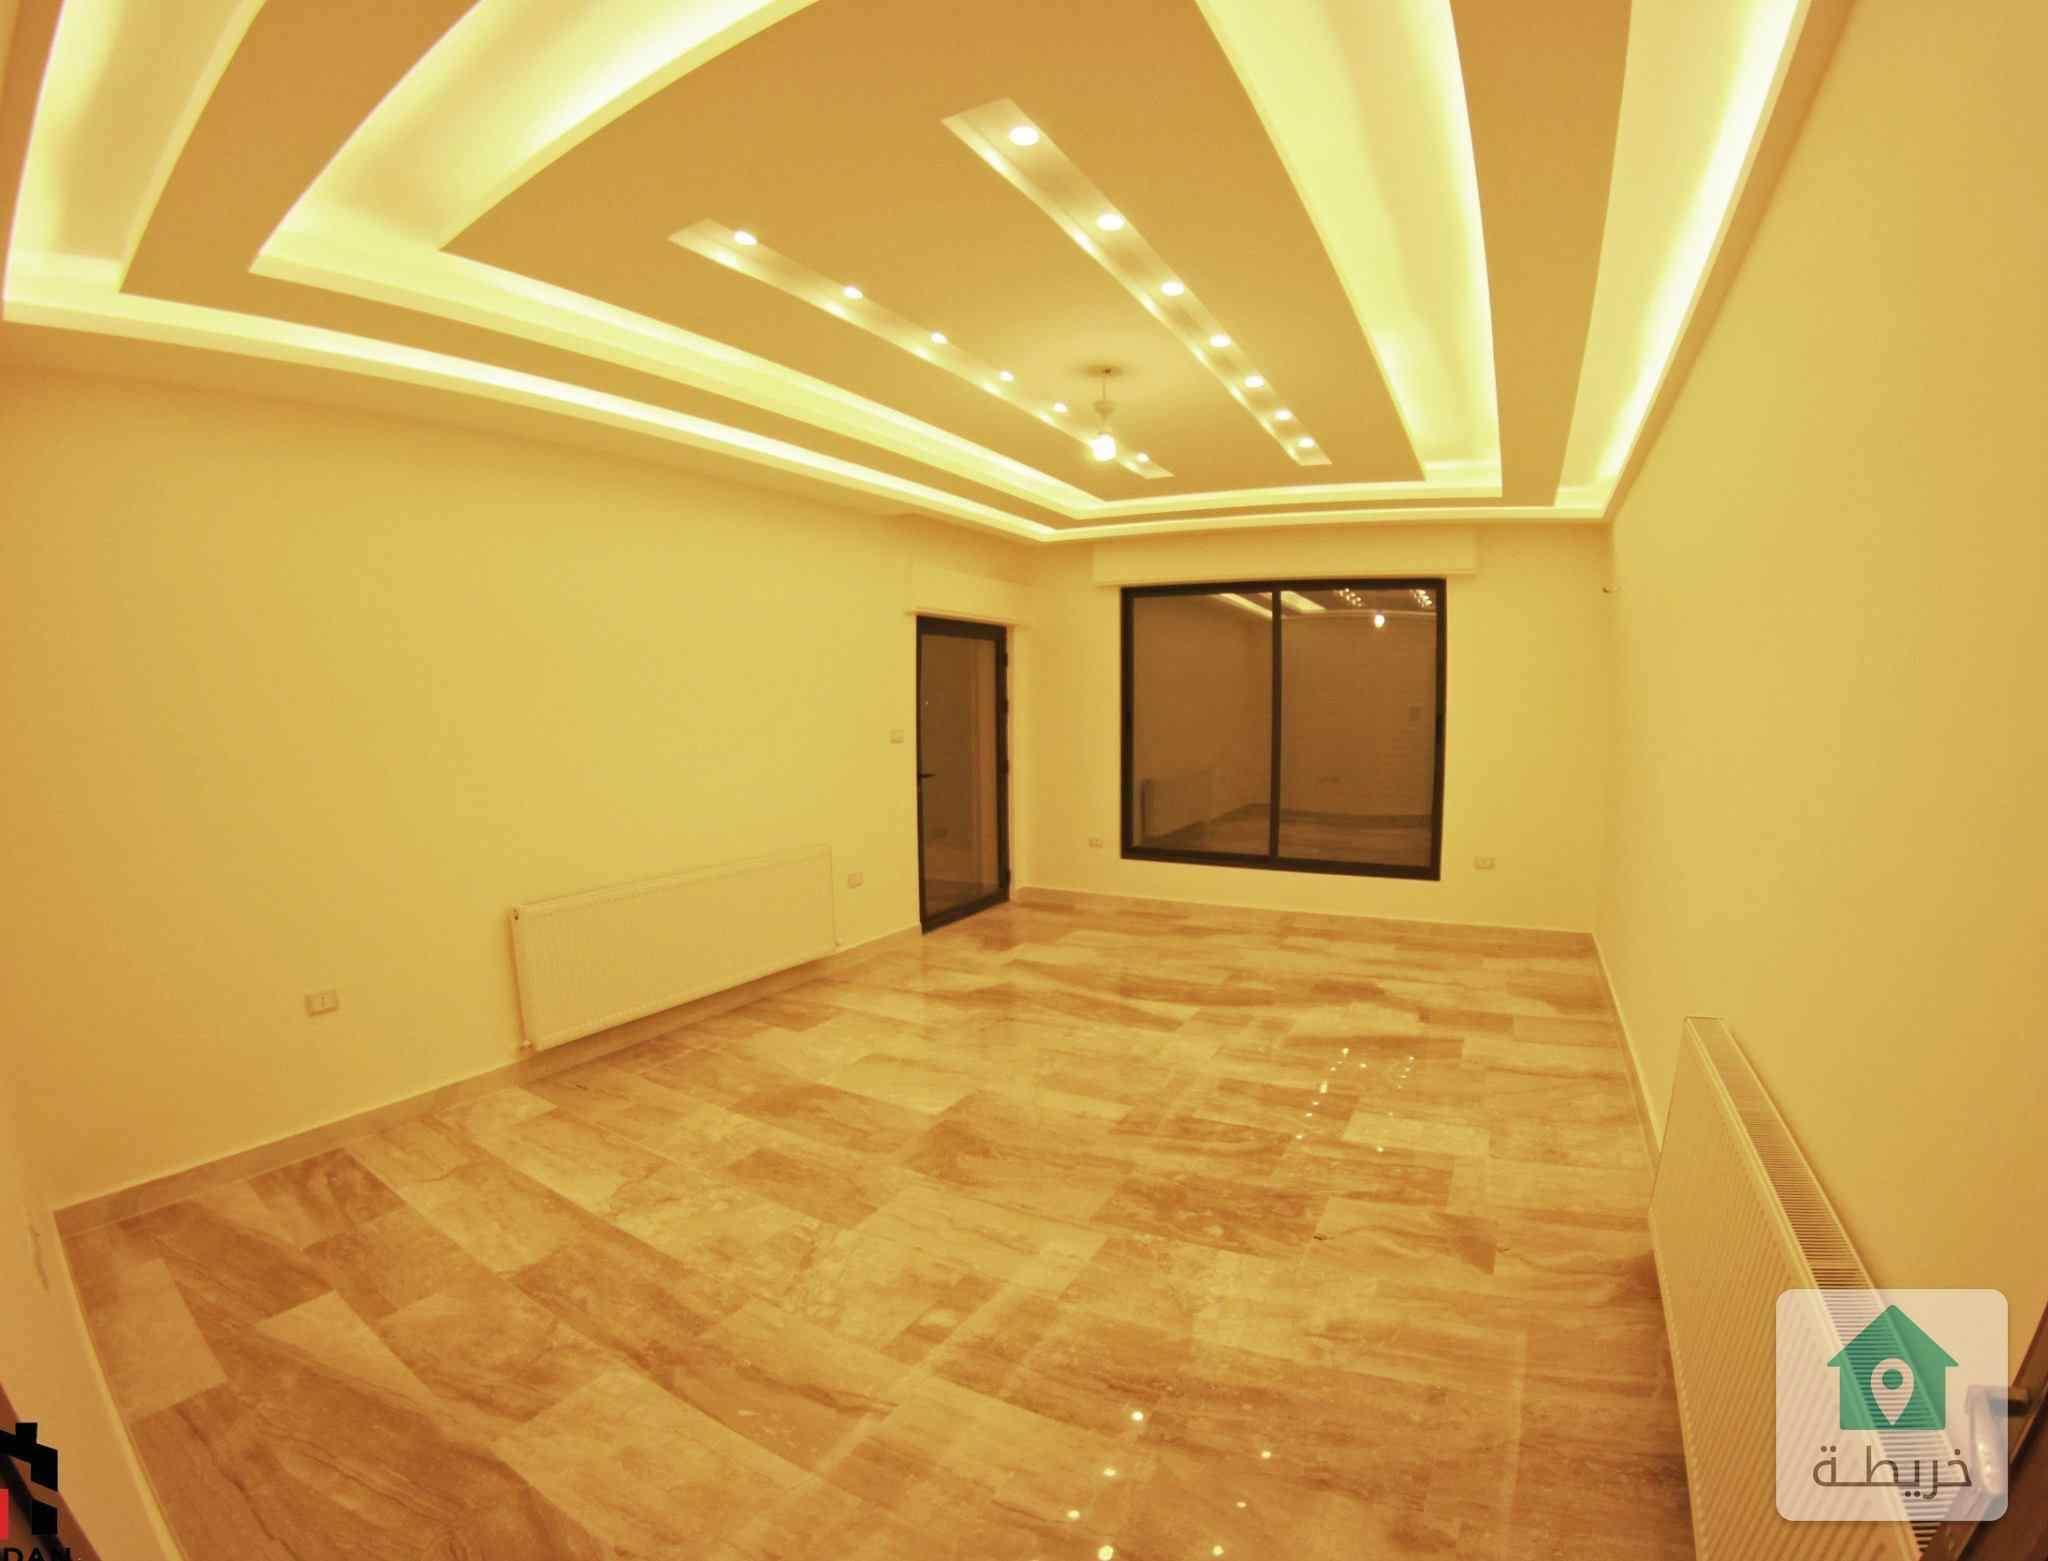 شقة مميزة مساحة ١٨٠من المالك مباشرة على طريق المطار خلف المدارس العالمية